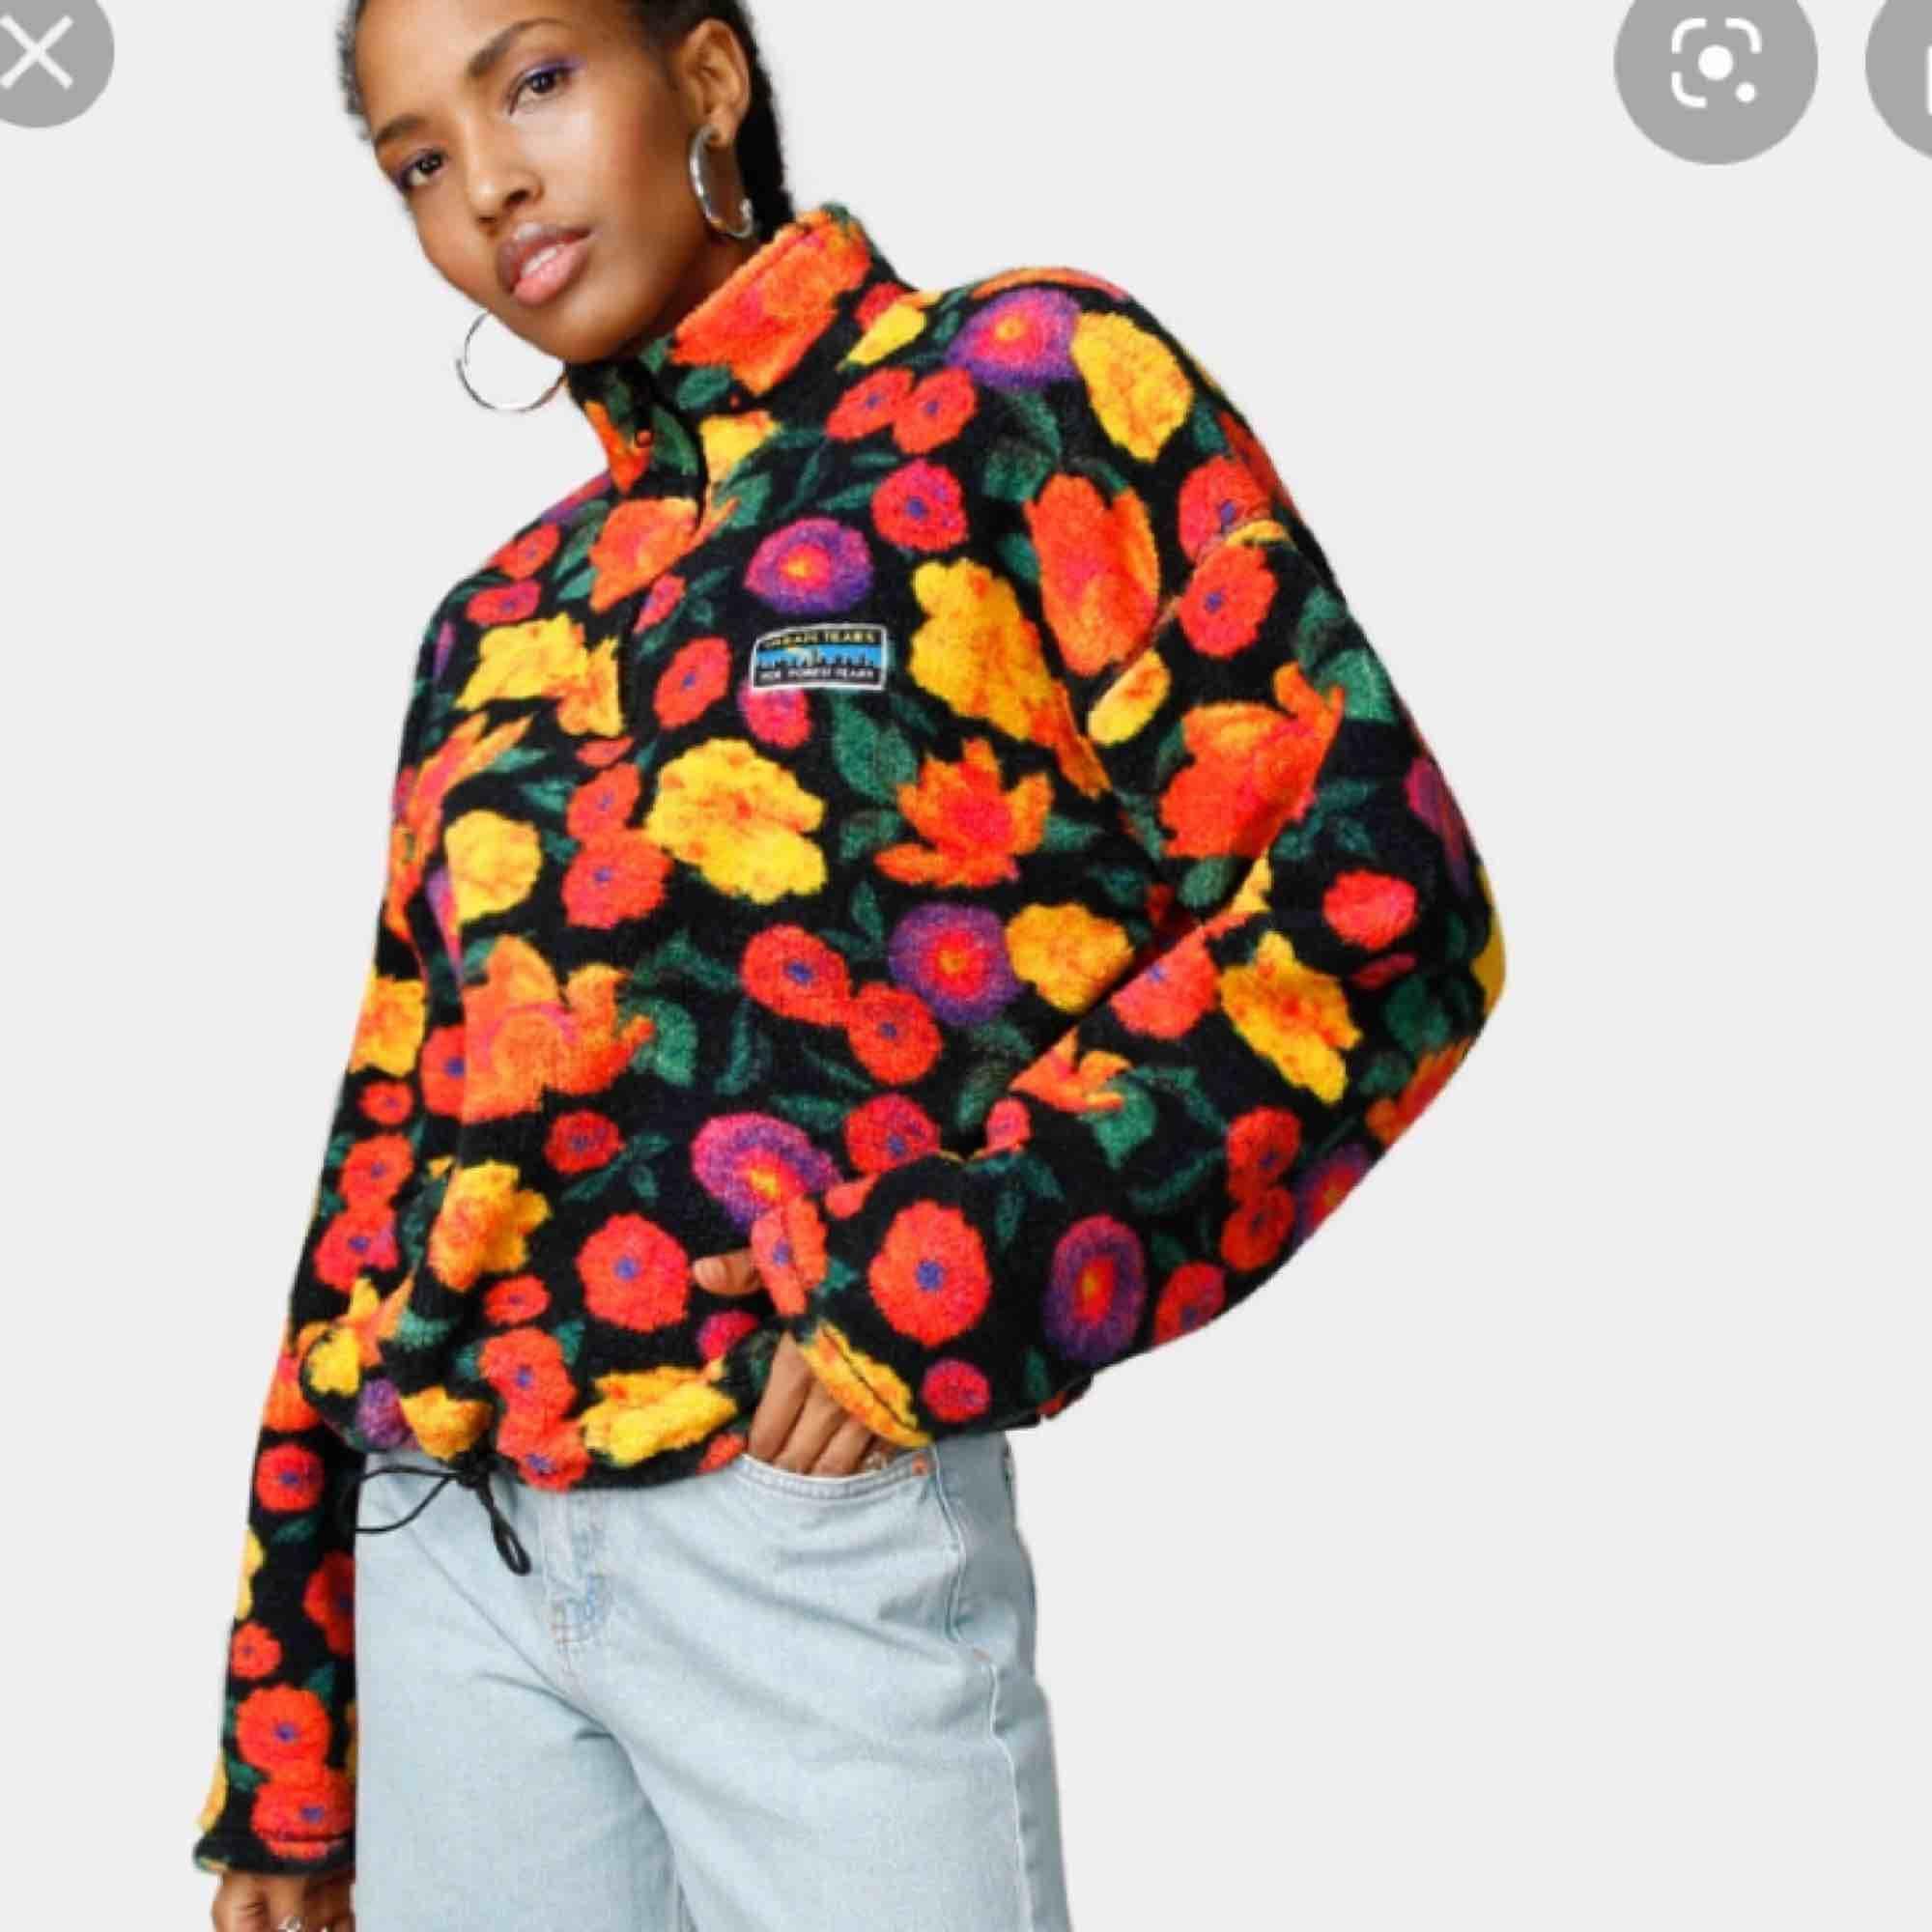 Sökes! Strl S eller M (inte mindre eller större). Betalar bra! #junkyard #urbantears #blommor #blommig #fleece #flis #fleecetröja #fliströja #pattern #krage #urban #style #fashion #hjälp #sökes #söker #tröja #sweater . Huvtröjor & Träningströjor.